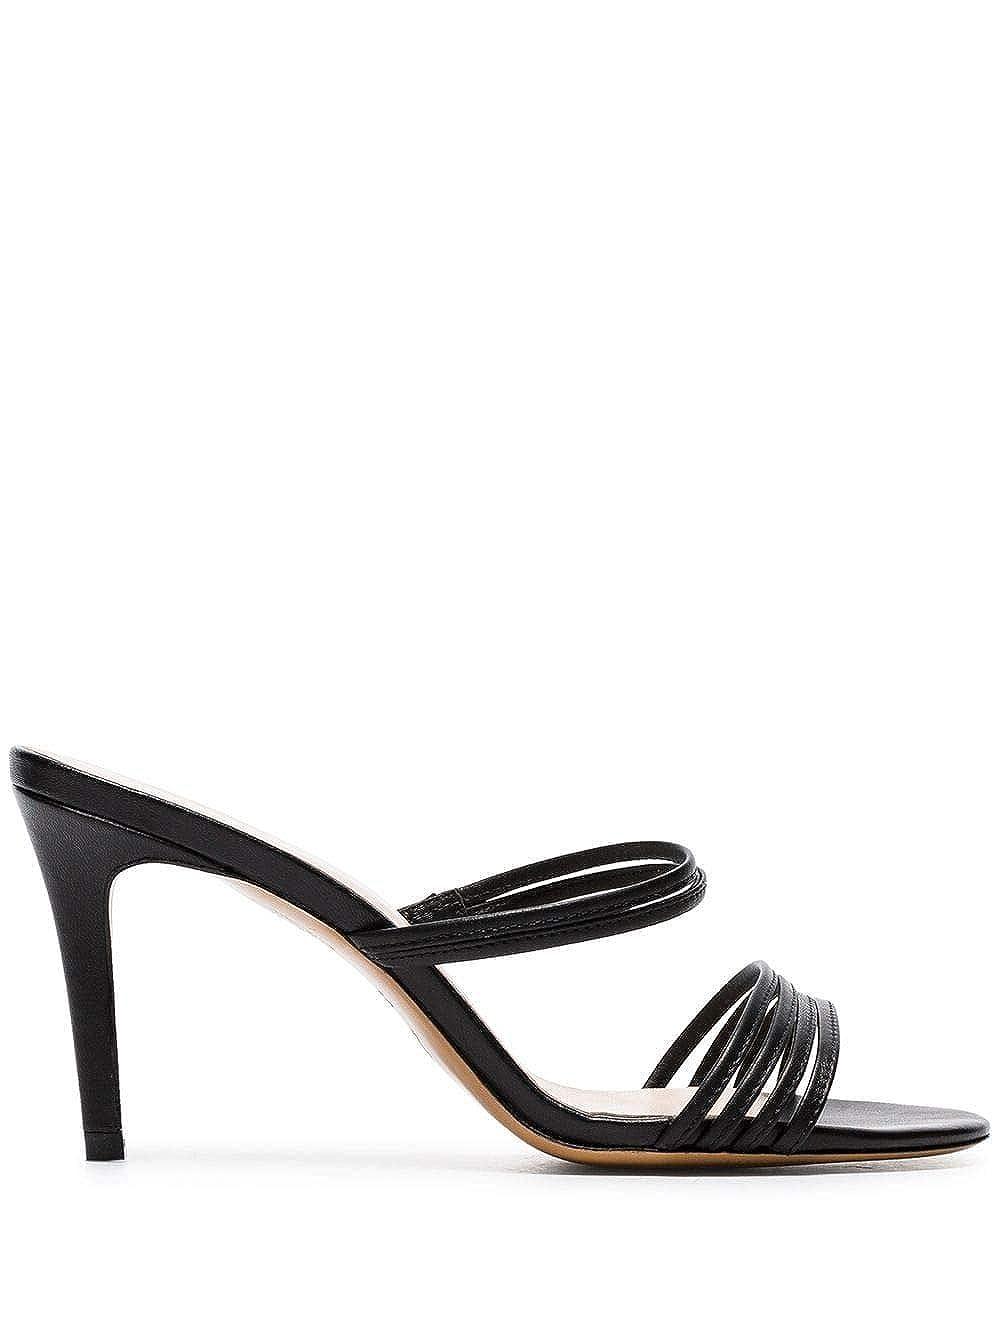 - KALDA Women's SIMONSANDALBLACK Black Leather Sandals